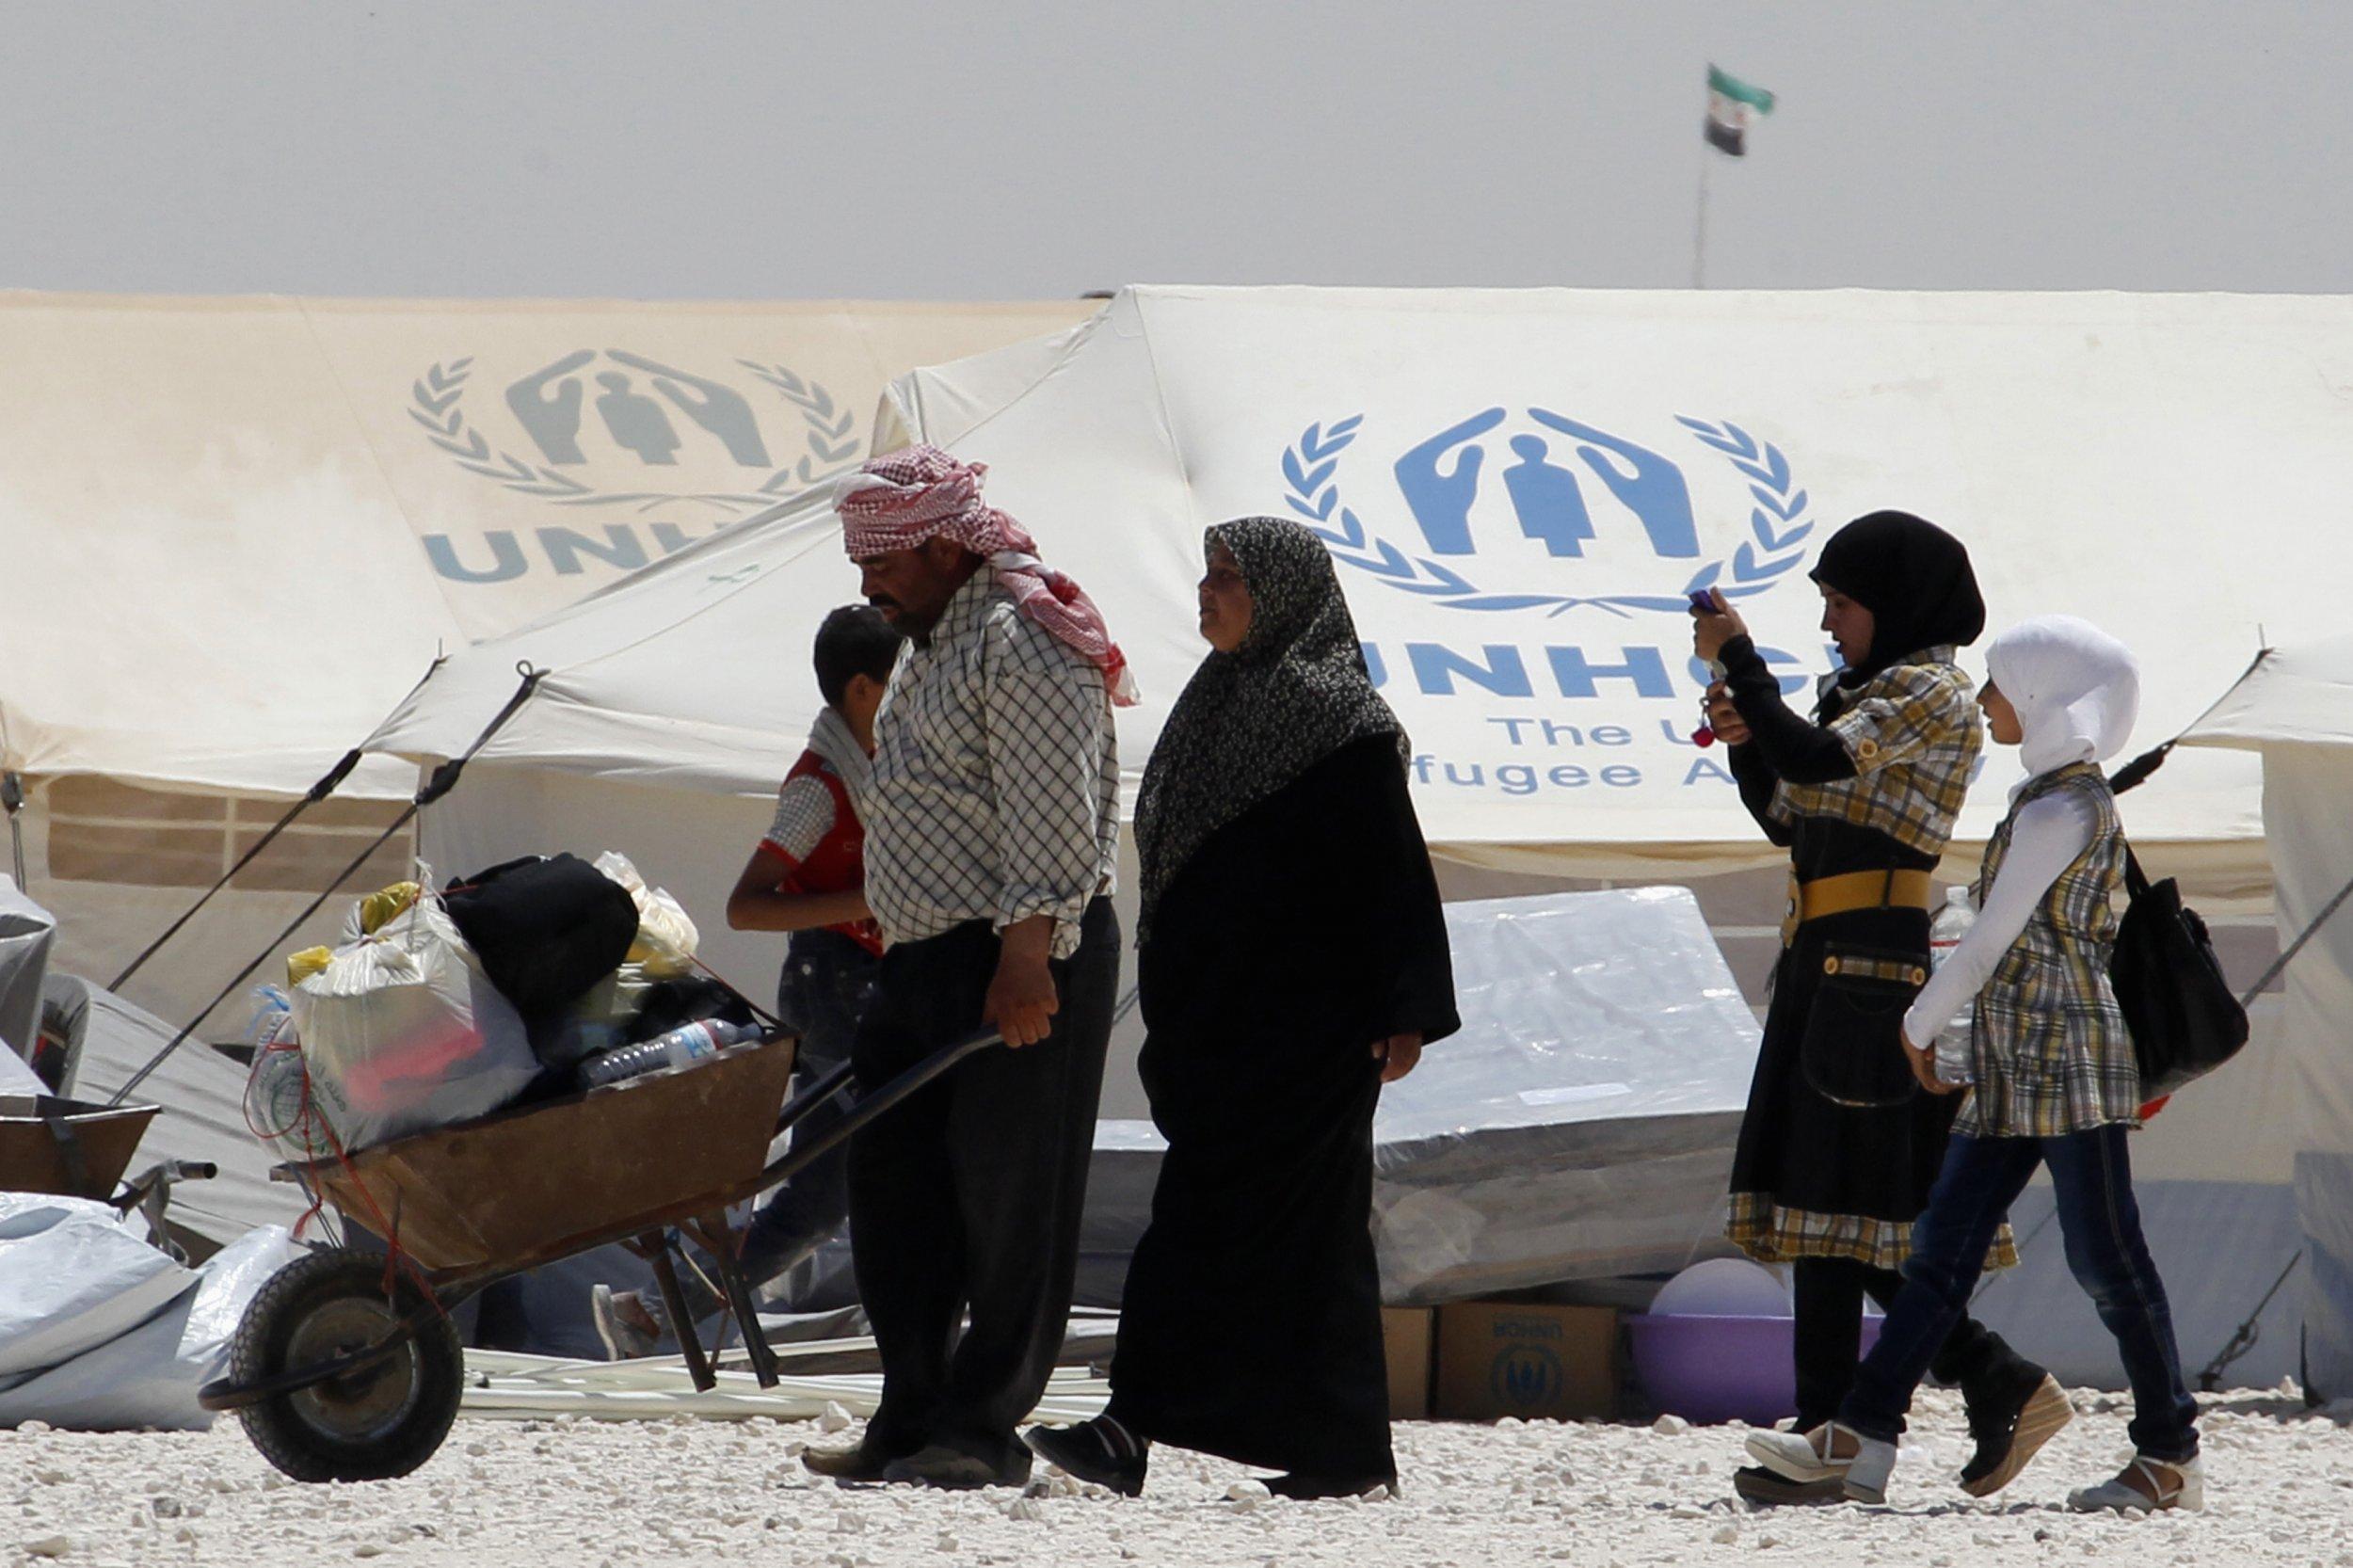 SyriaAid